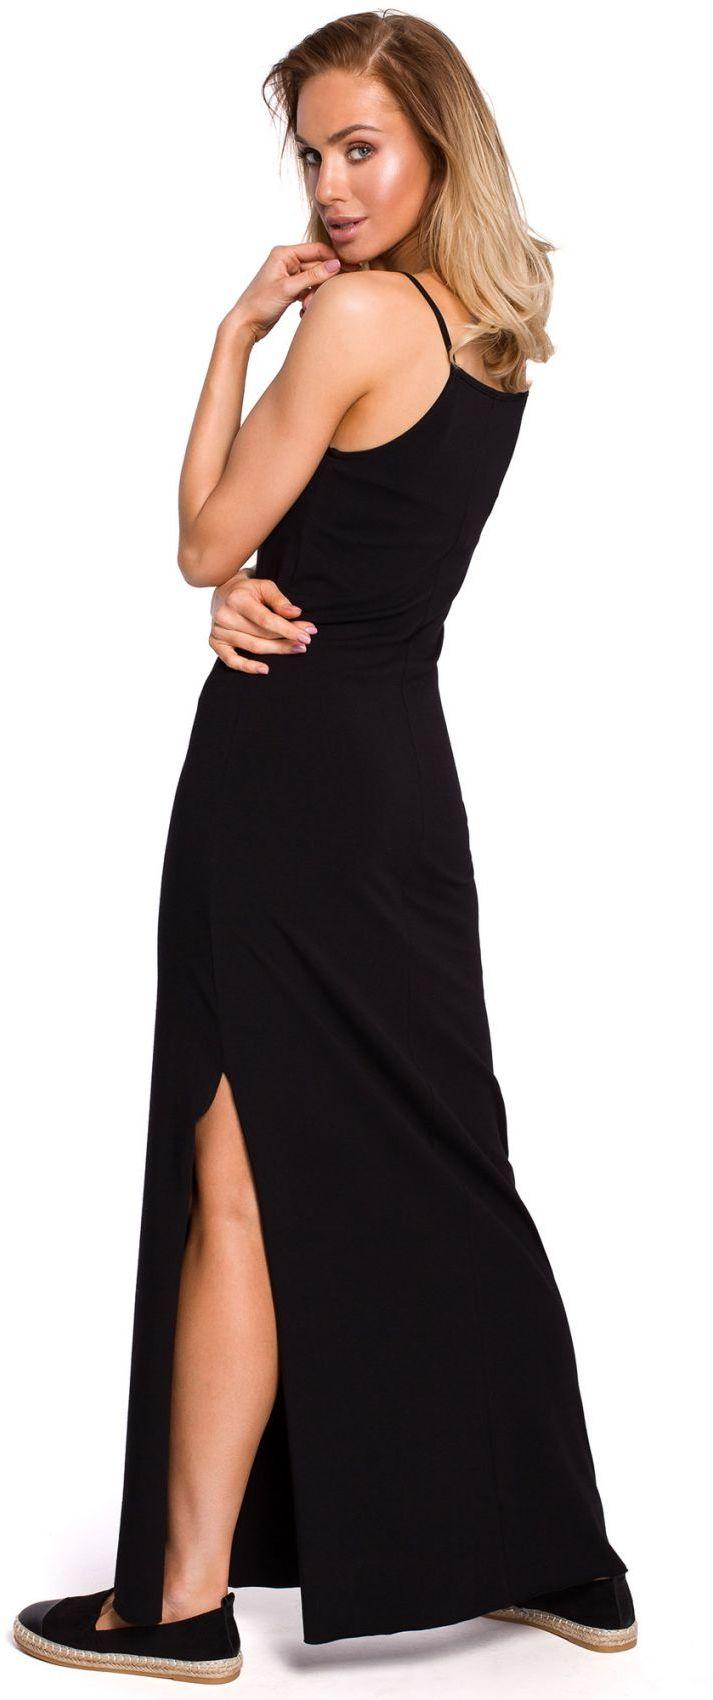 M432 Bawełniana sukienka maxi na ramiączkach - czarna